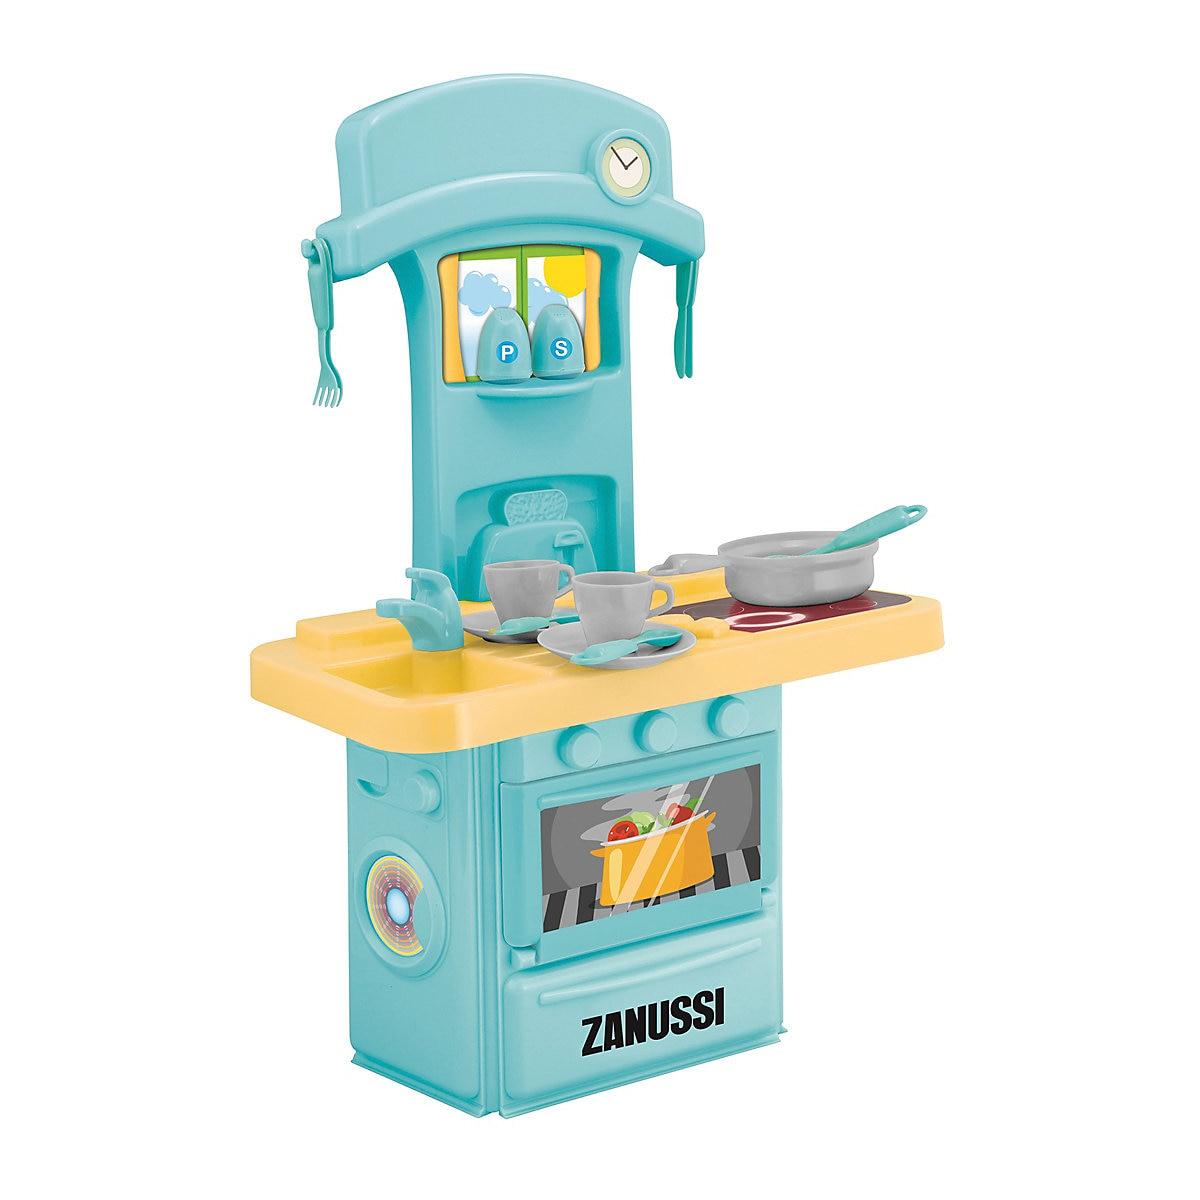 Jouets de cuisine HTI 5366538 enfants appareils de cuisine nourriture pour poupées jeux de rôle légumes jouet vaisselle cuisine MTpromo